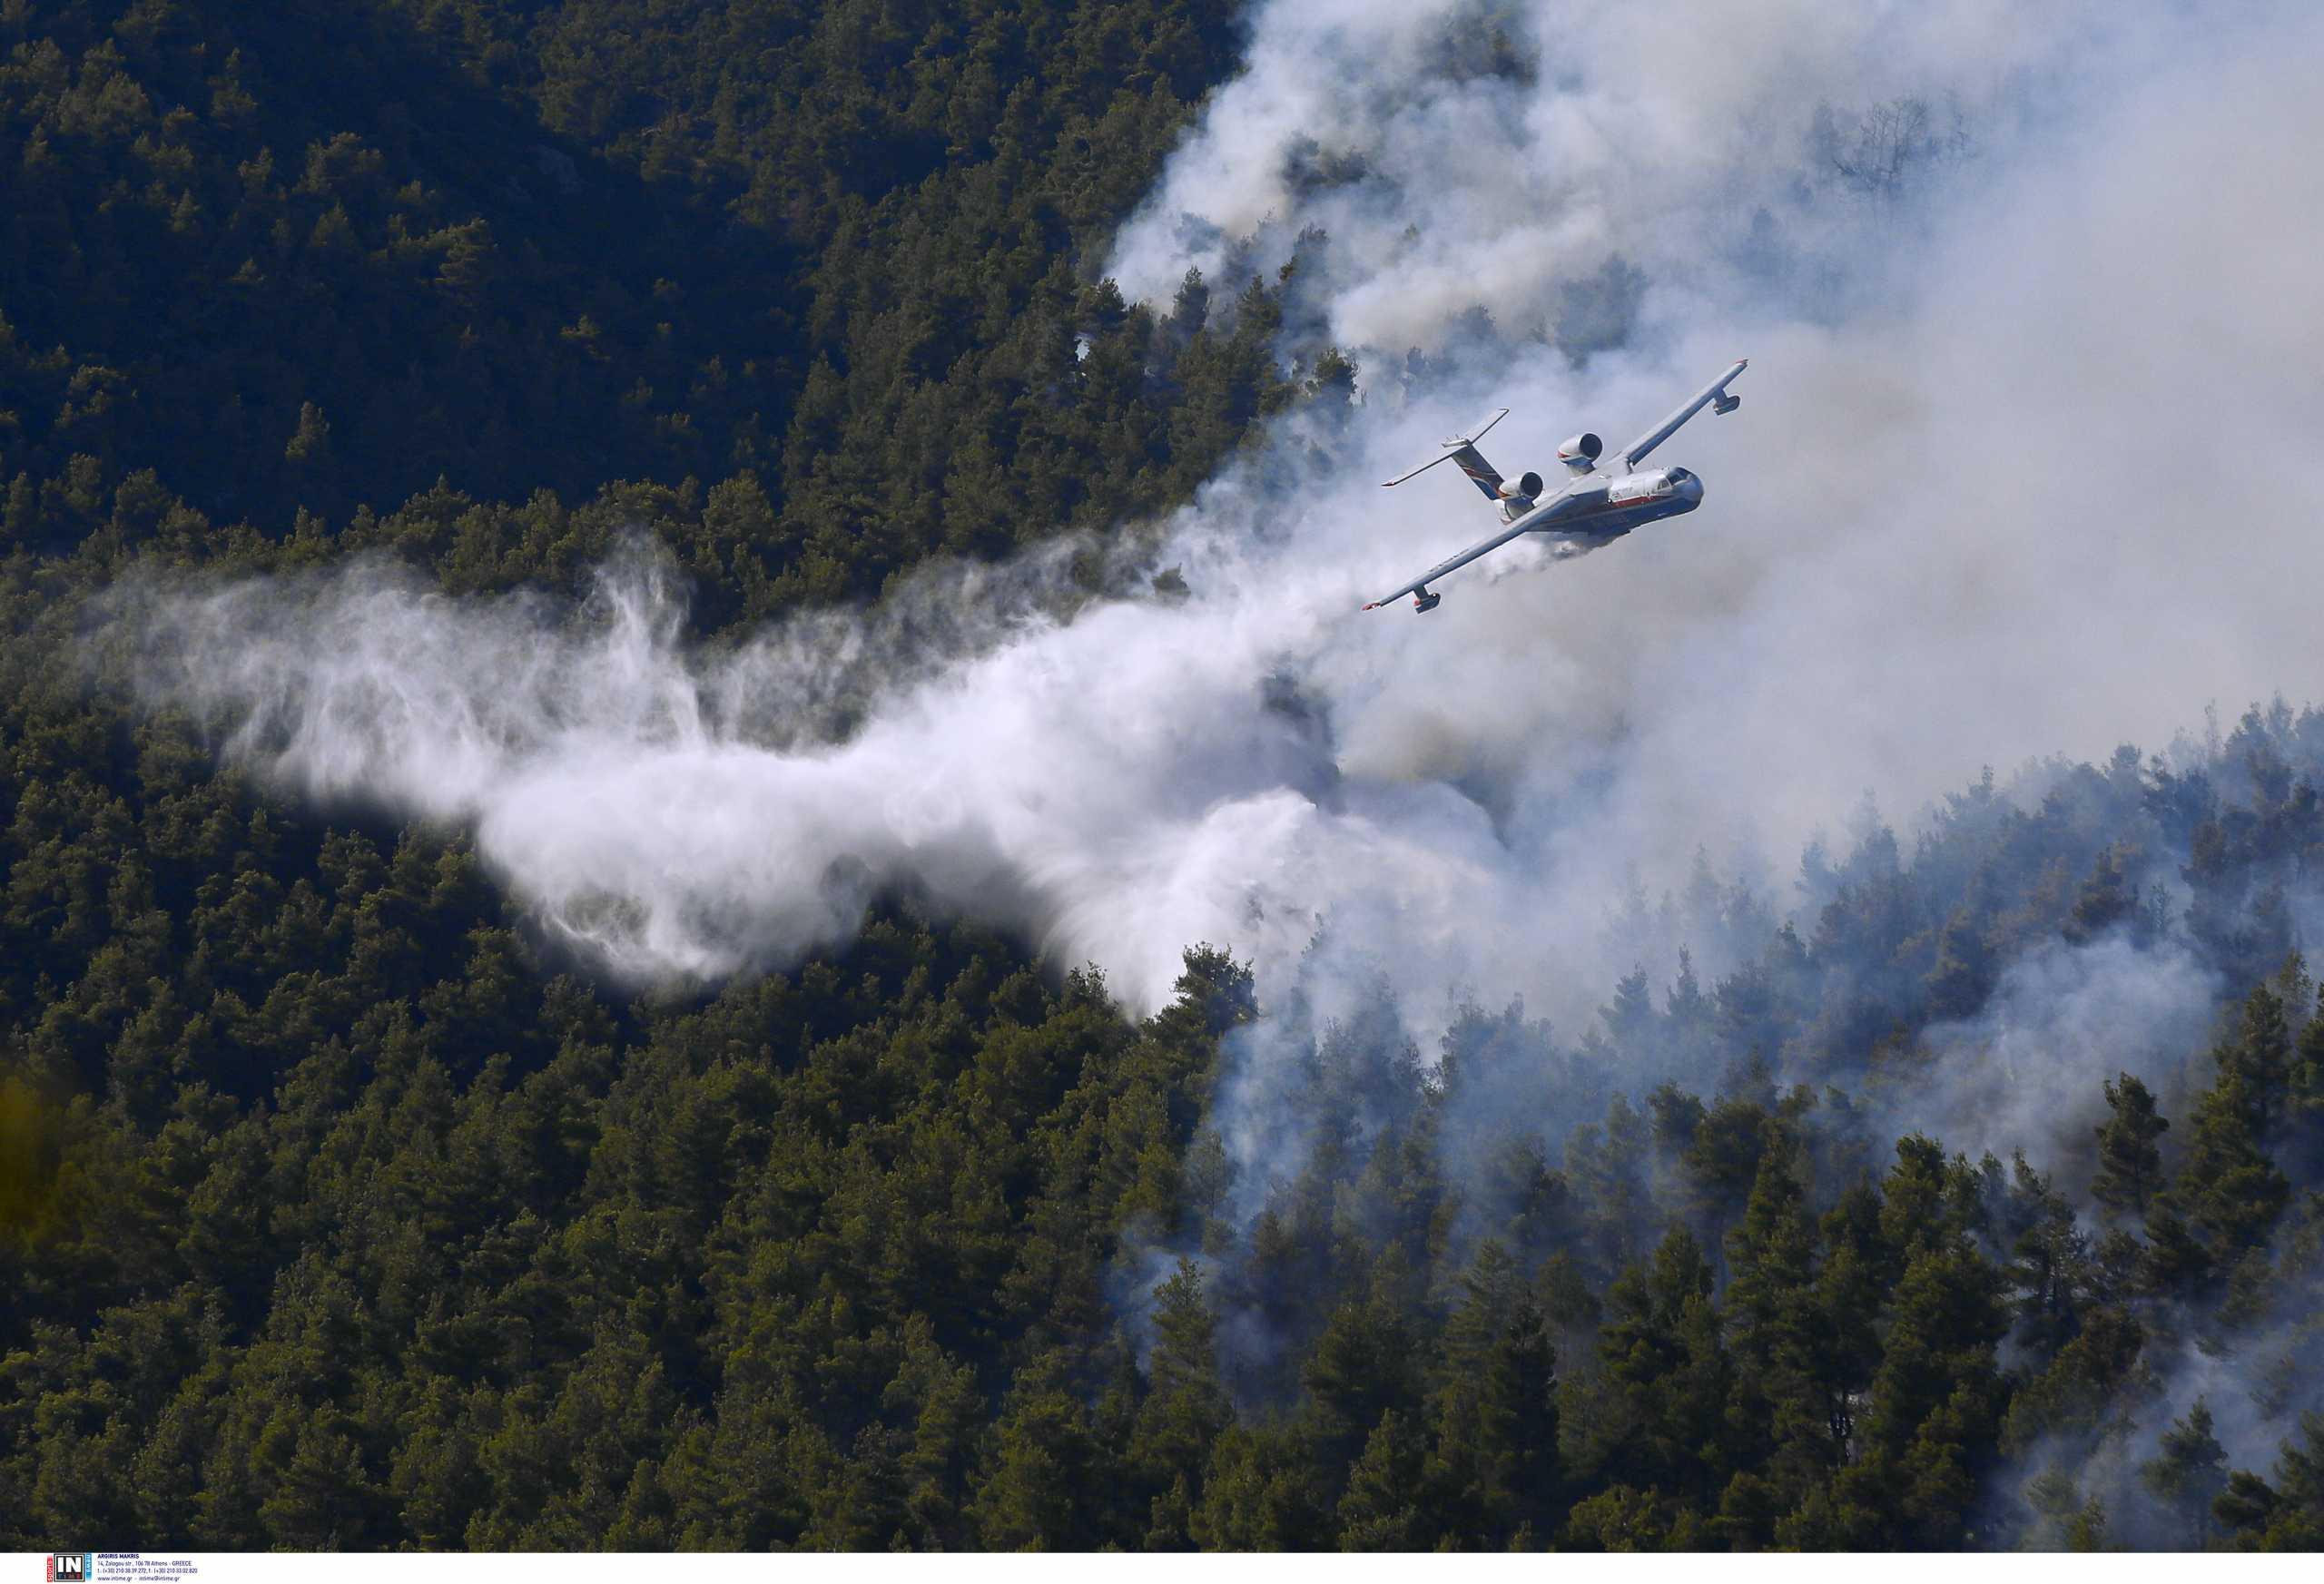 Φωτιά στα Βίλια: Μάχη με τις αναζωπυρώσεις – Καίγεται πυκνό δάσος στο Όρος Πατέρας